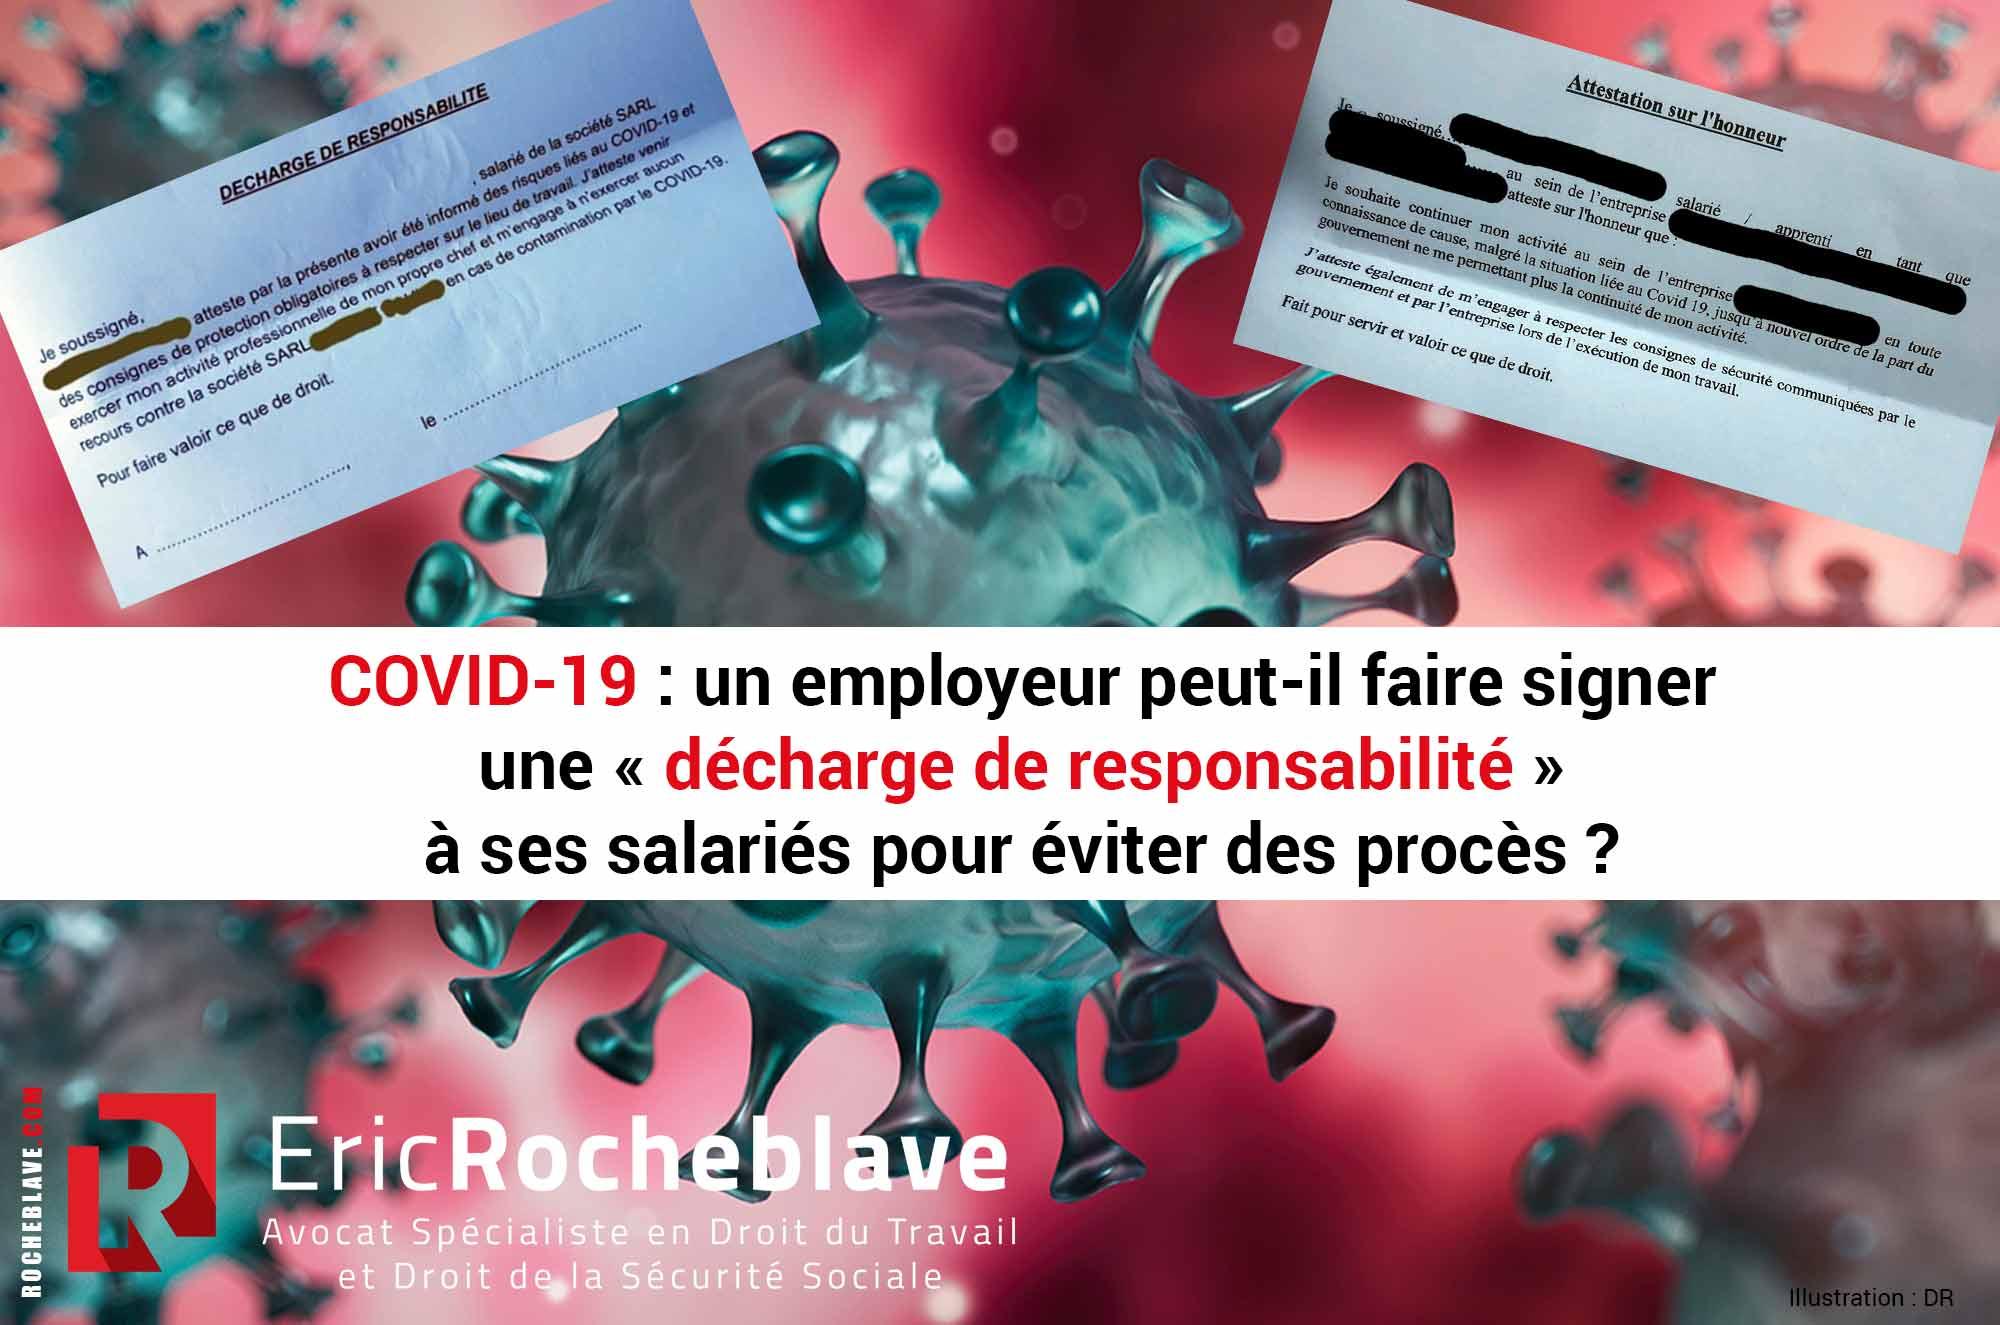 COVID-19 : un employeur peut-il faire signer une « décharge de responsabilité » à ses salariés pour éviter des procès ?